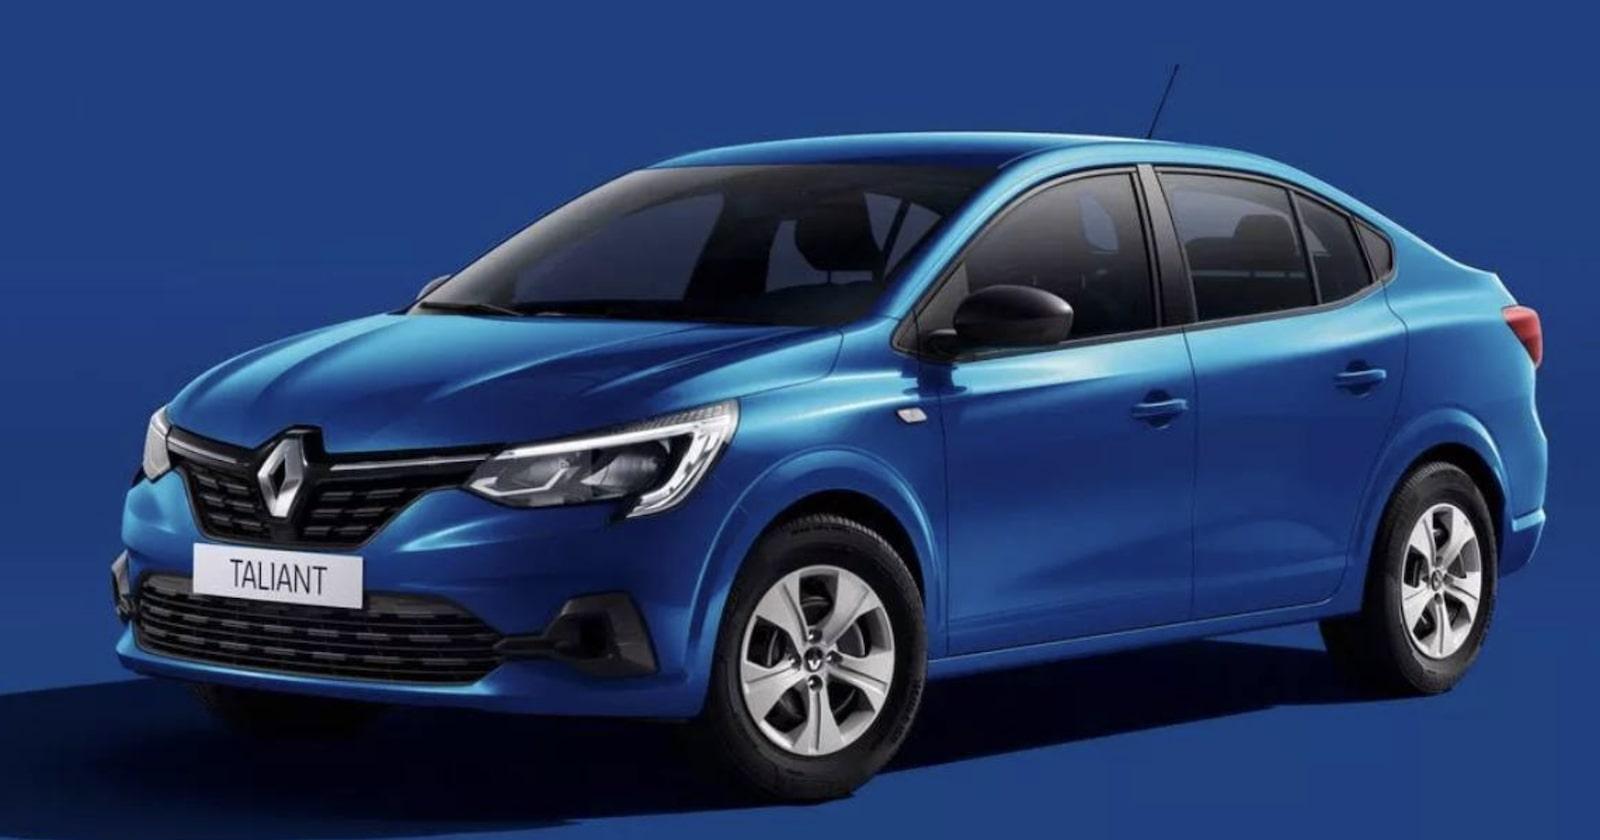 2021 Renault Taliant Eylül Ayı ÖTV İndirimli Fiyatları